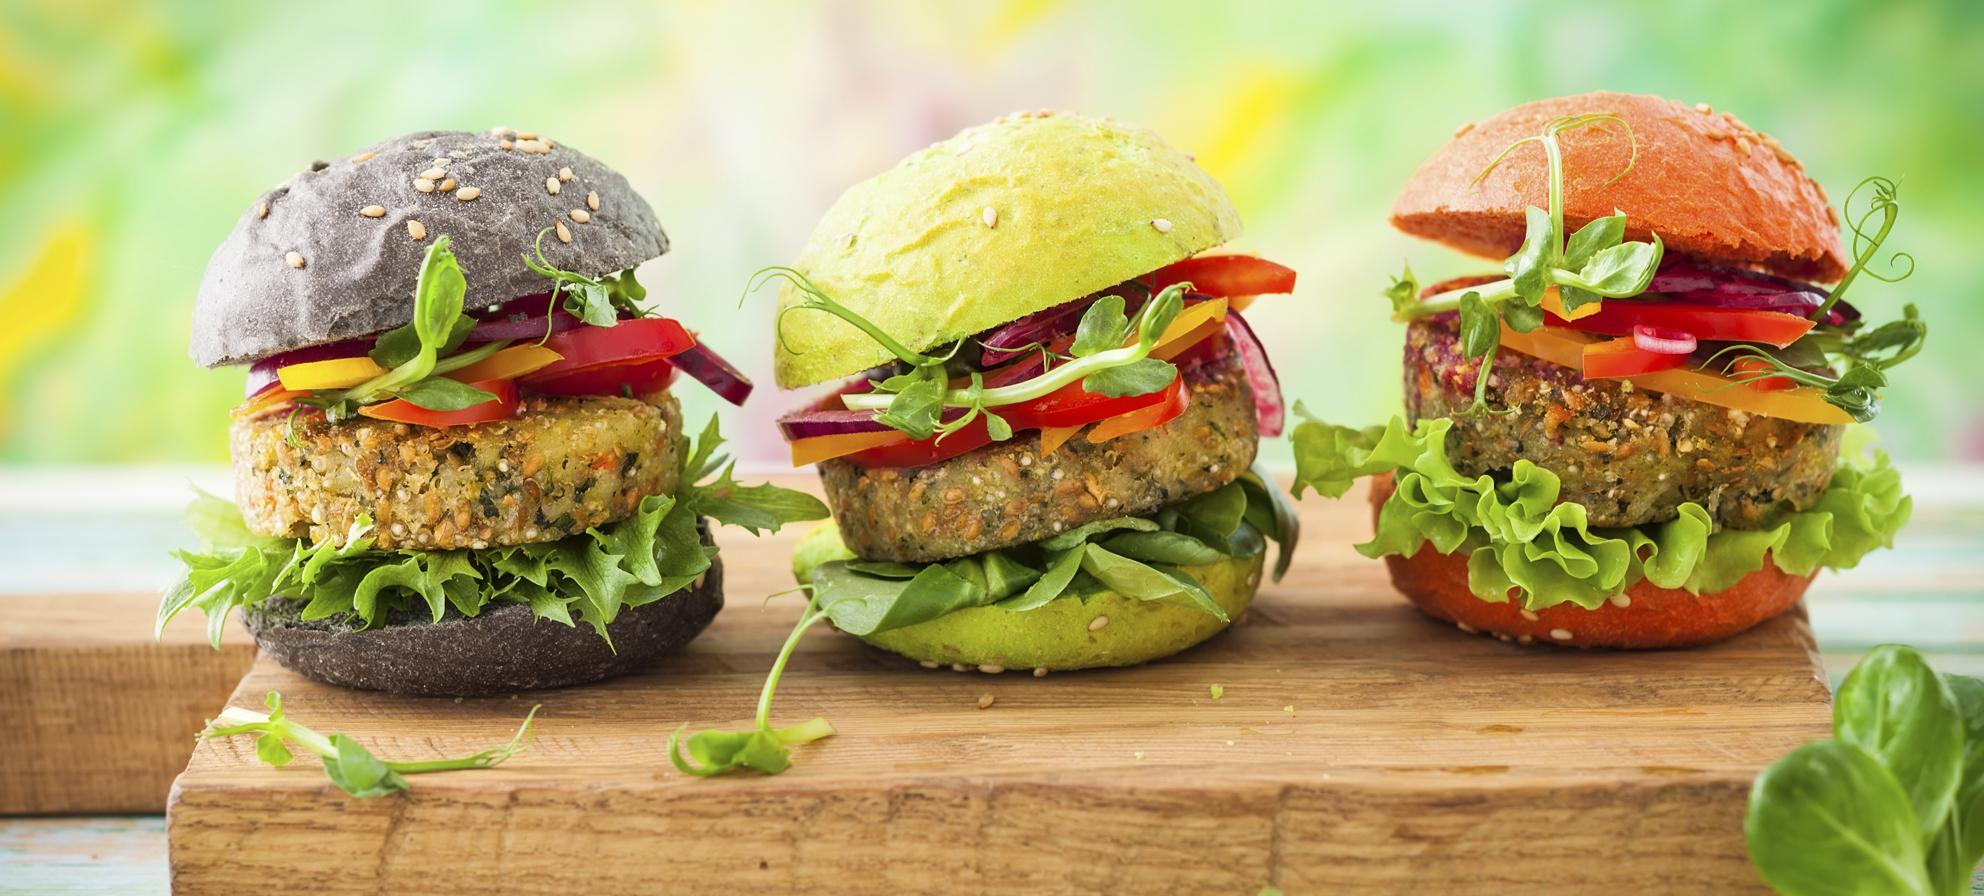 bildet viser tre fargerike veganske burgere